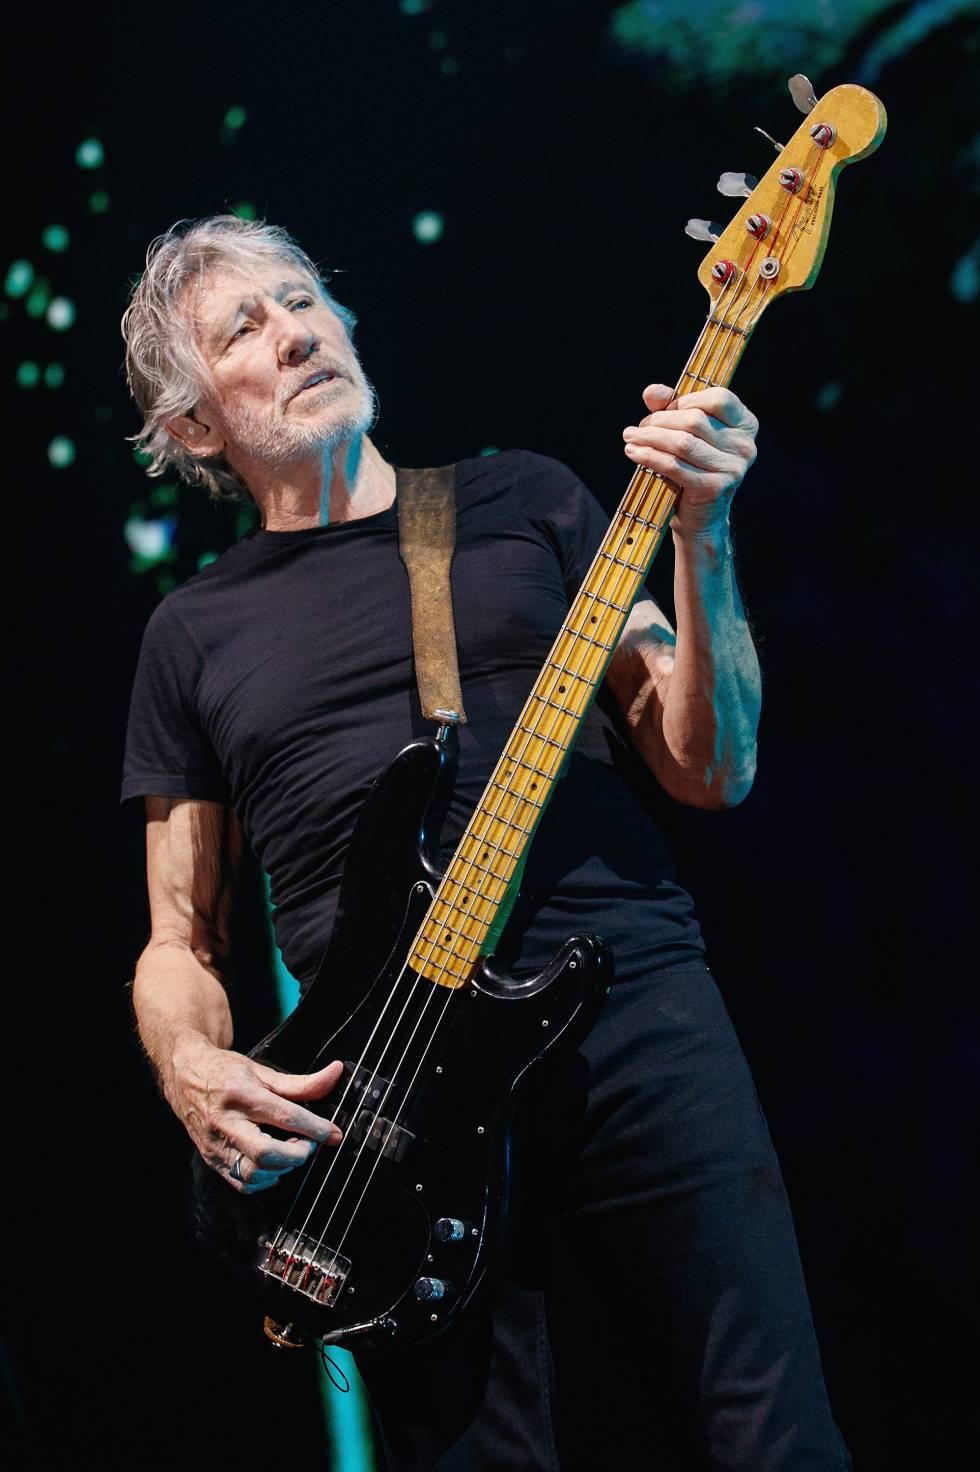 Roger Waters toca el bajo durante un concierto en Auckland, Nueva Zelanda.